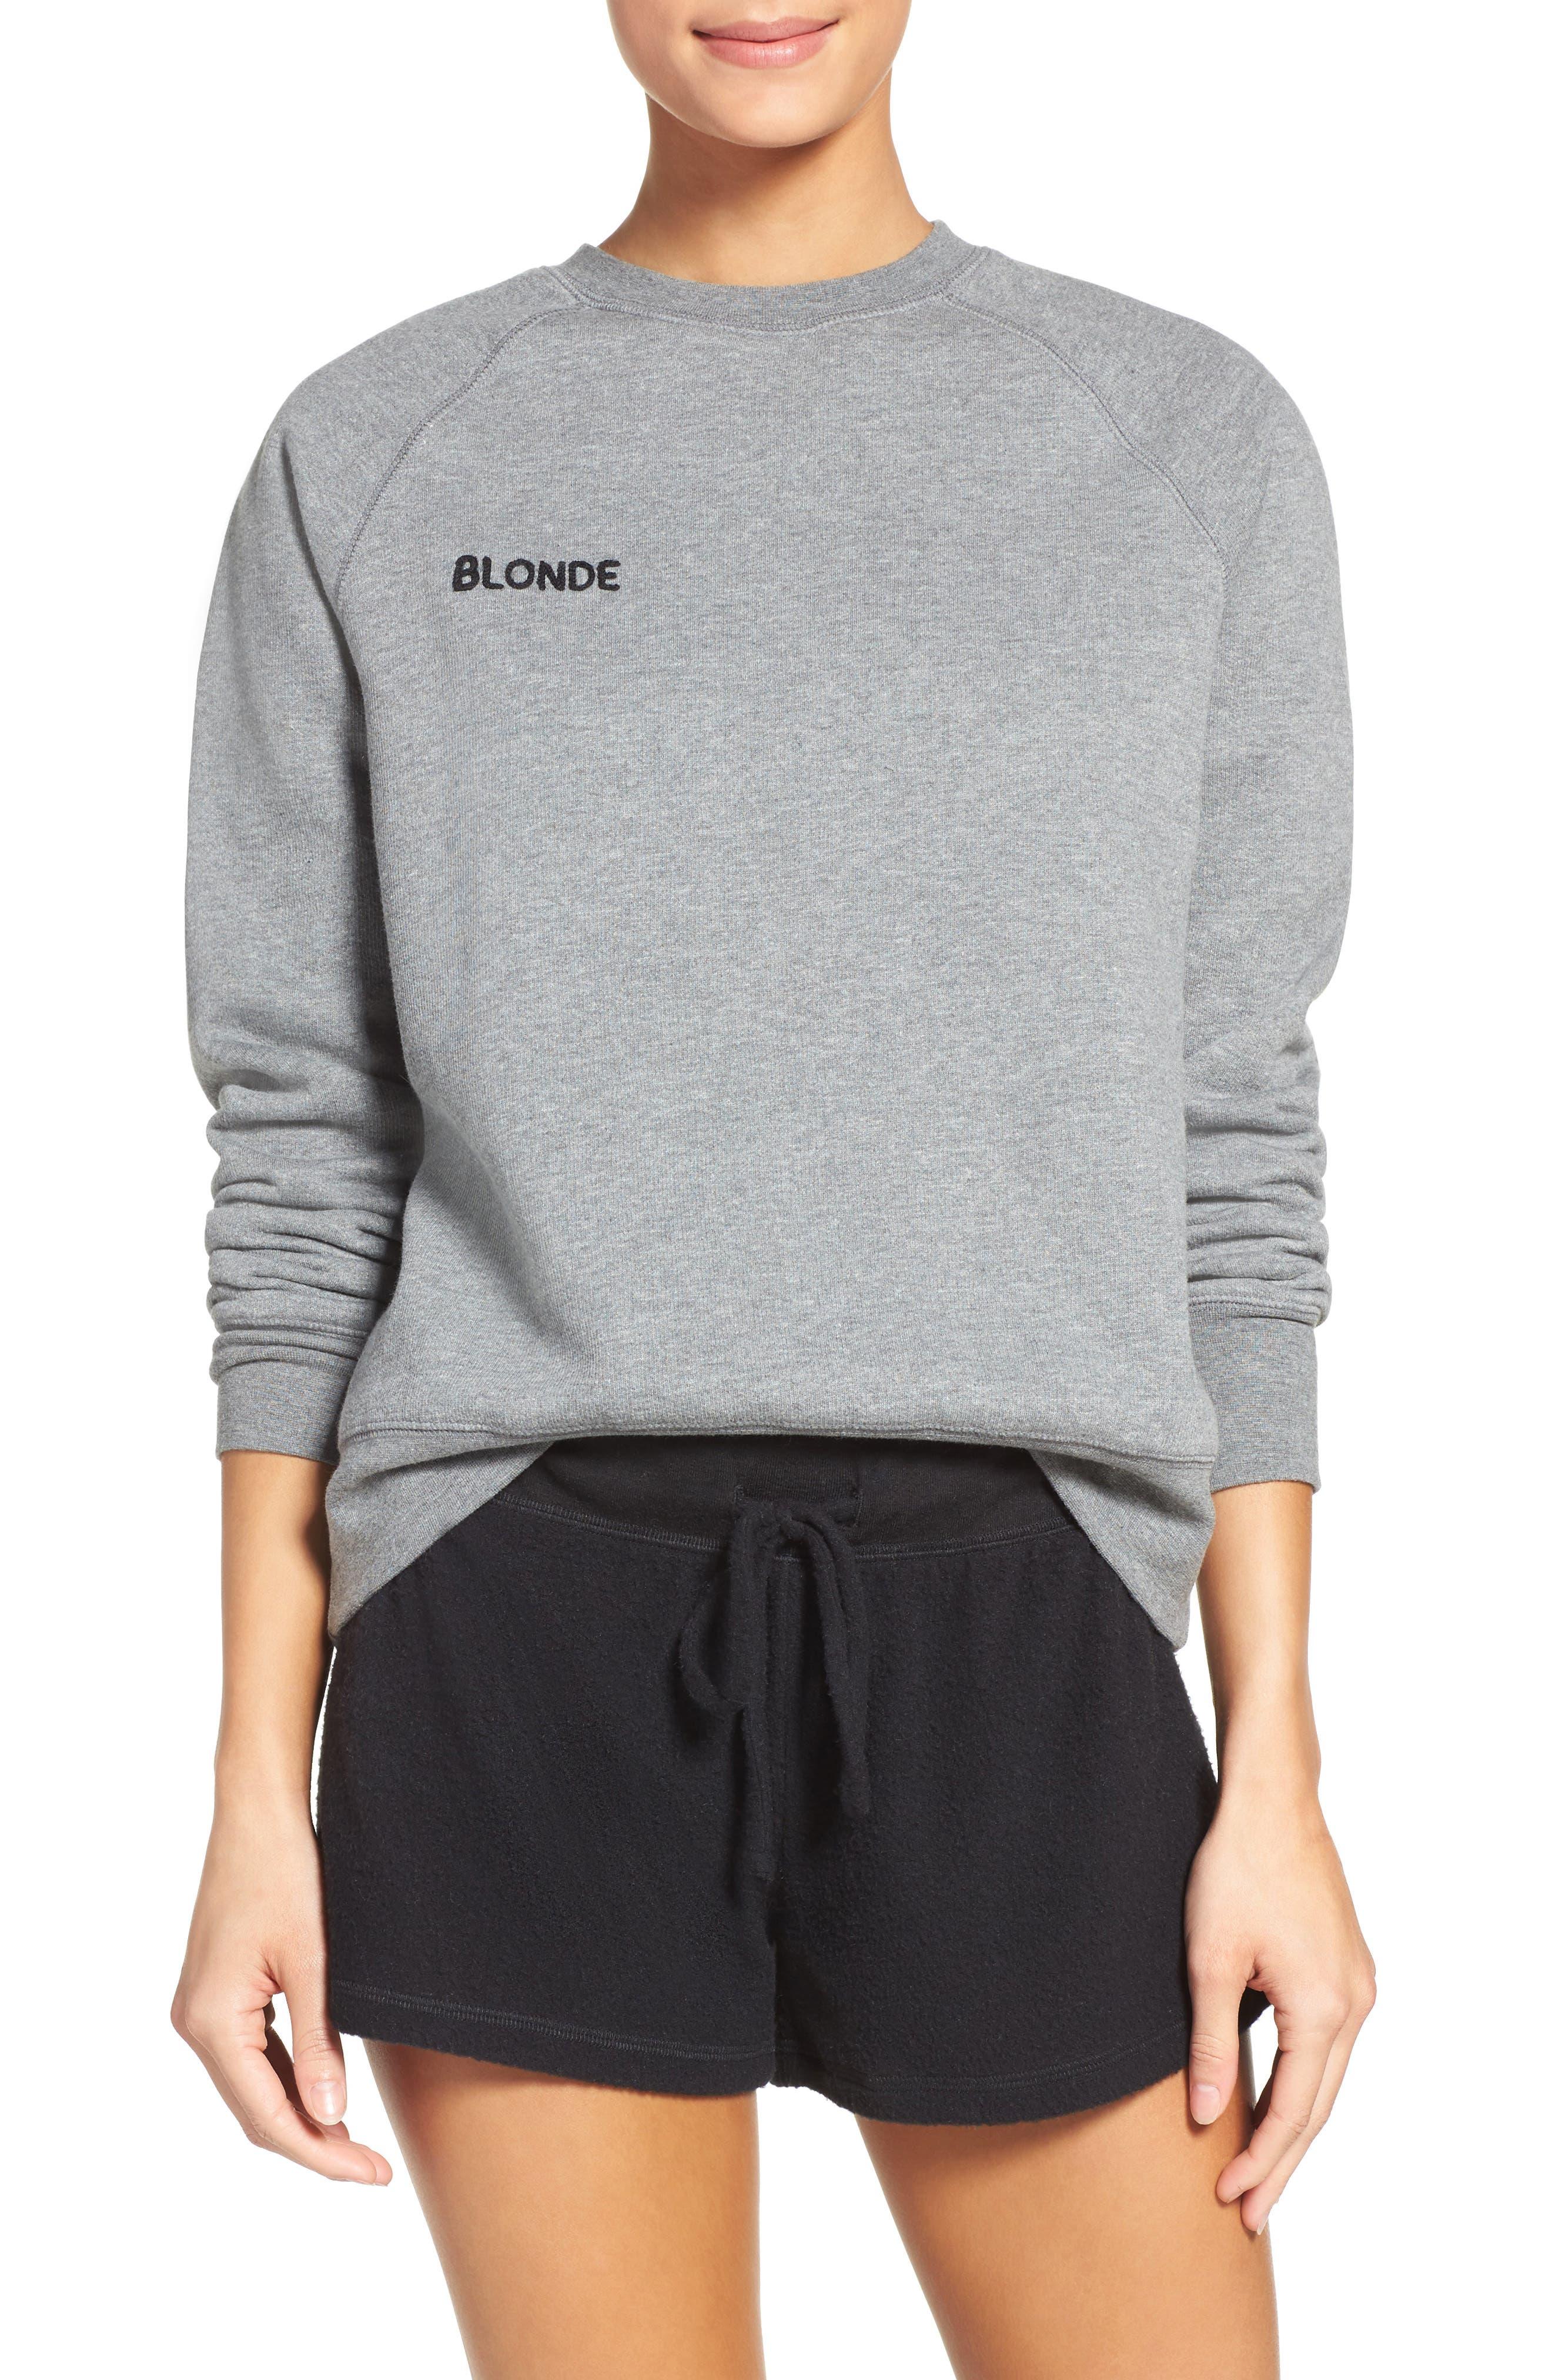 Blonde Crewneck Sweatshirt,                         Main,                         color, Heather Grey